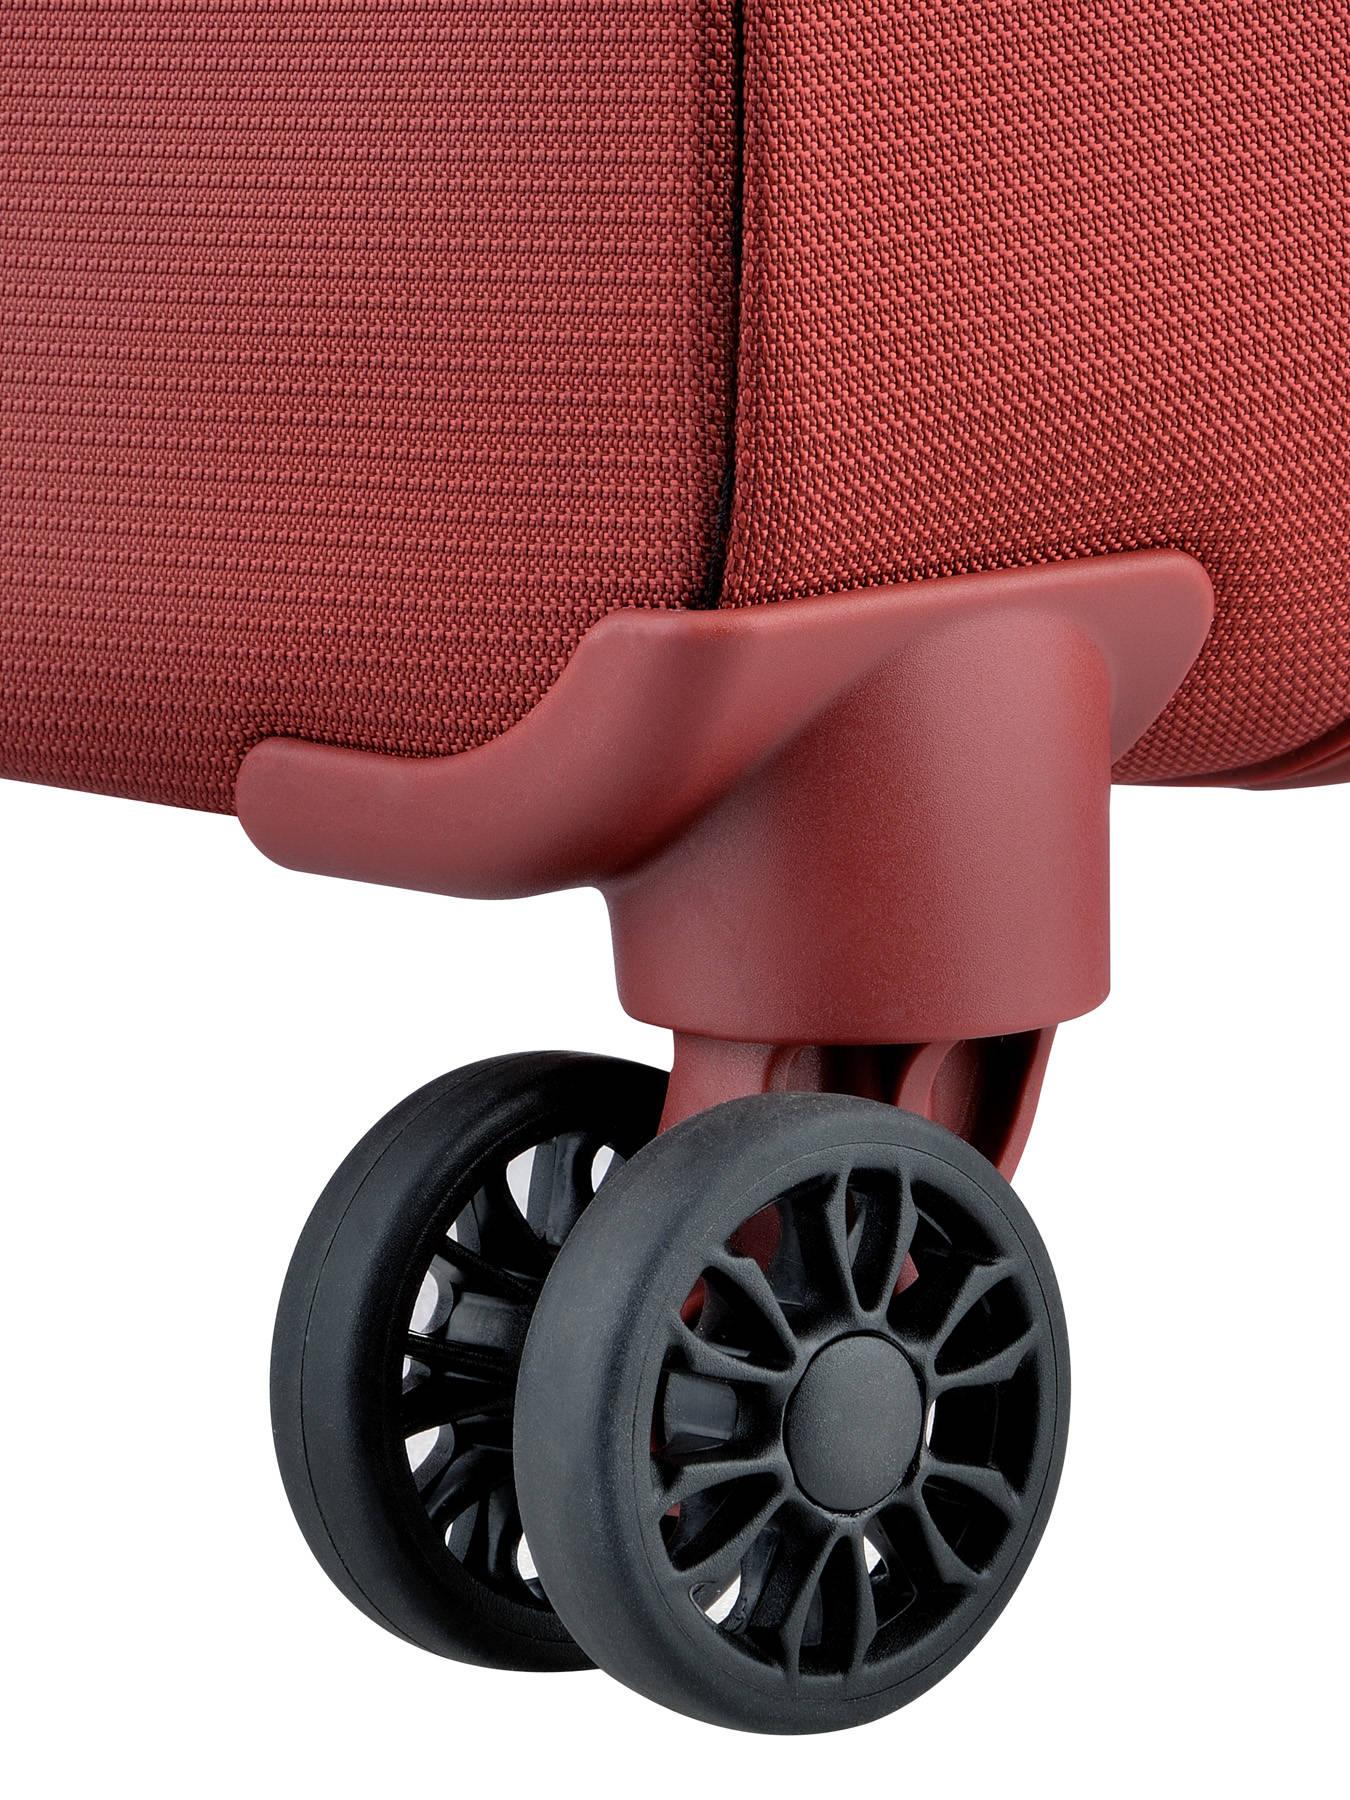 achat valise extensible delsey en promo. Black Bedroom Furniture Sets. Home Design Ideas